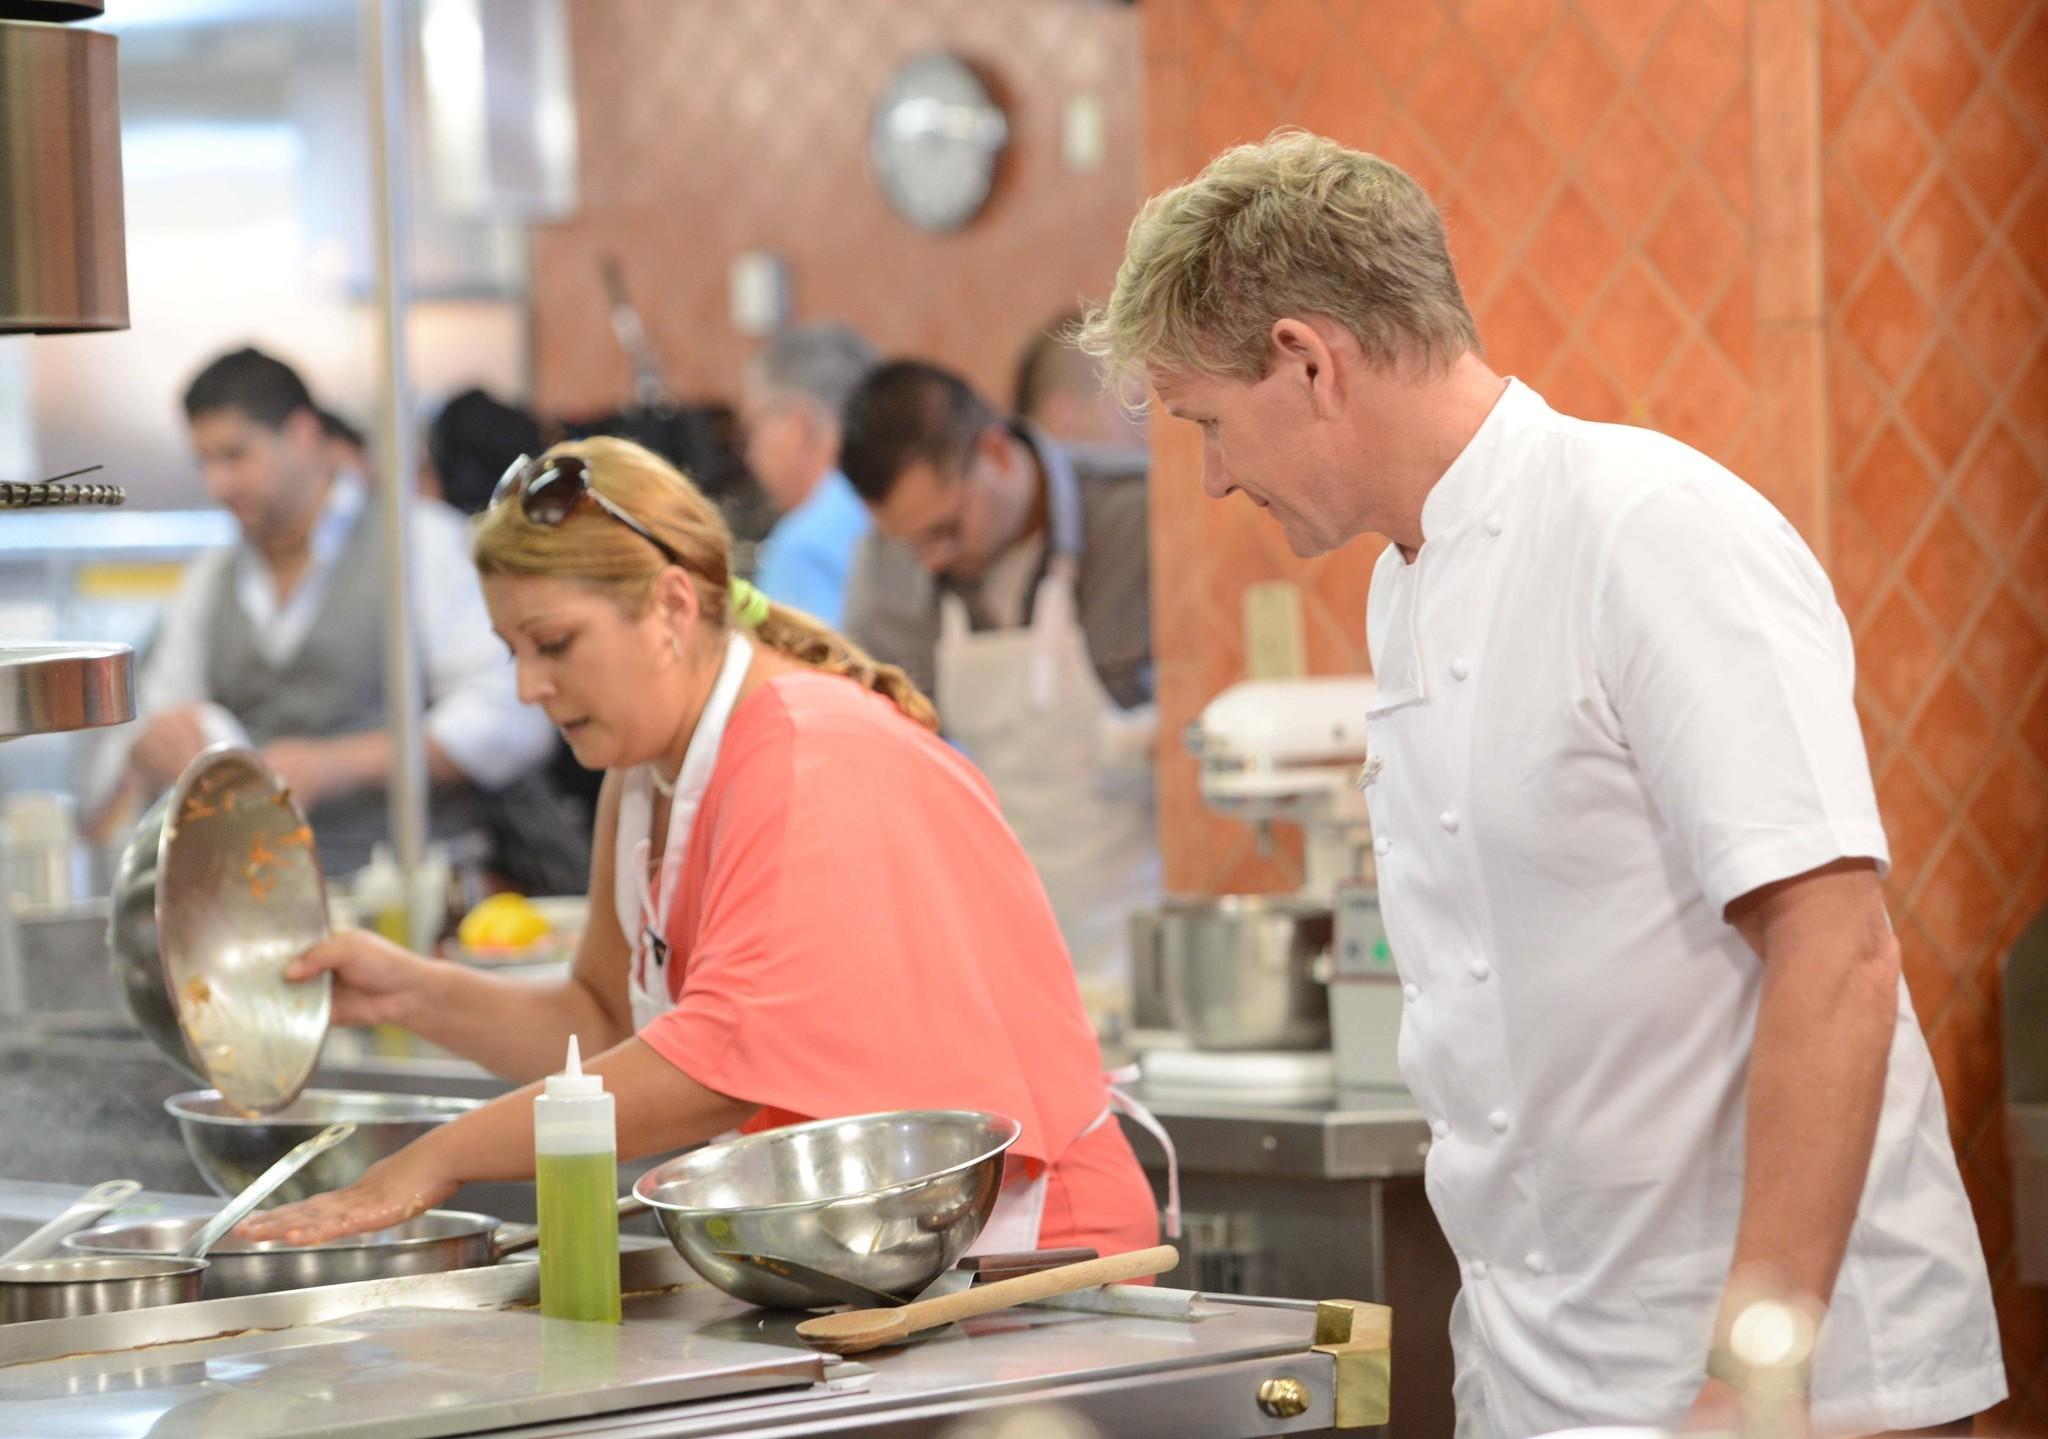 hells kitchen holding casting call in chicago next week chicago tribune - Hells Kitchen Fox